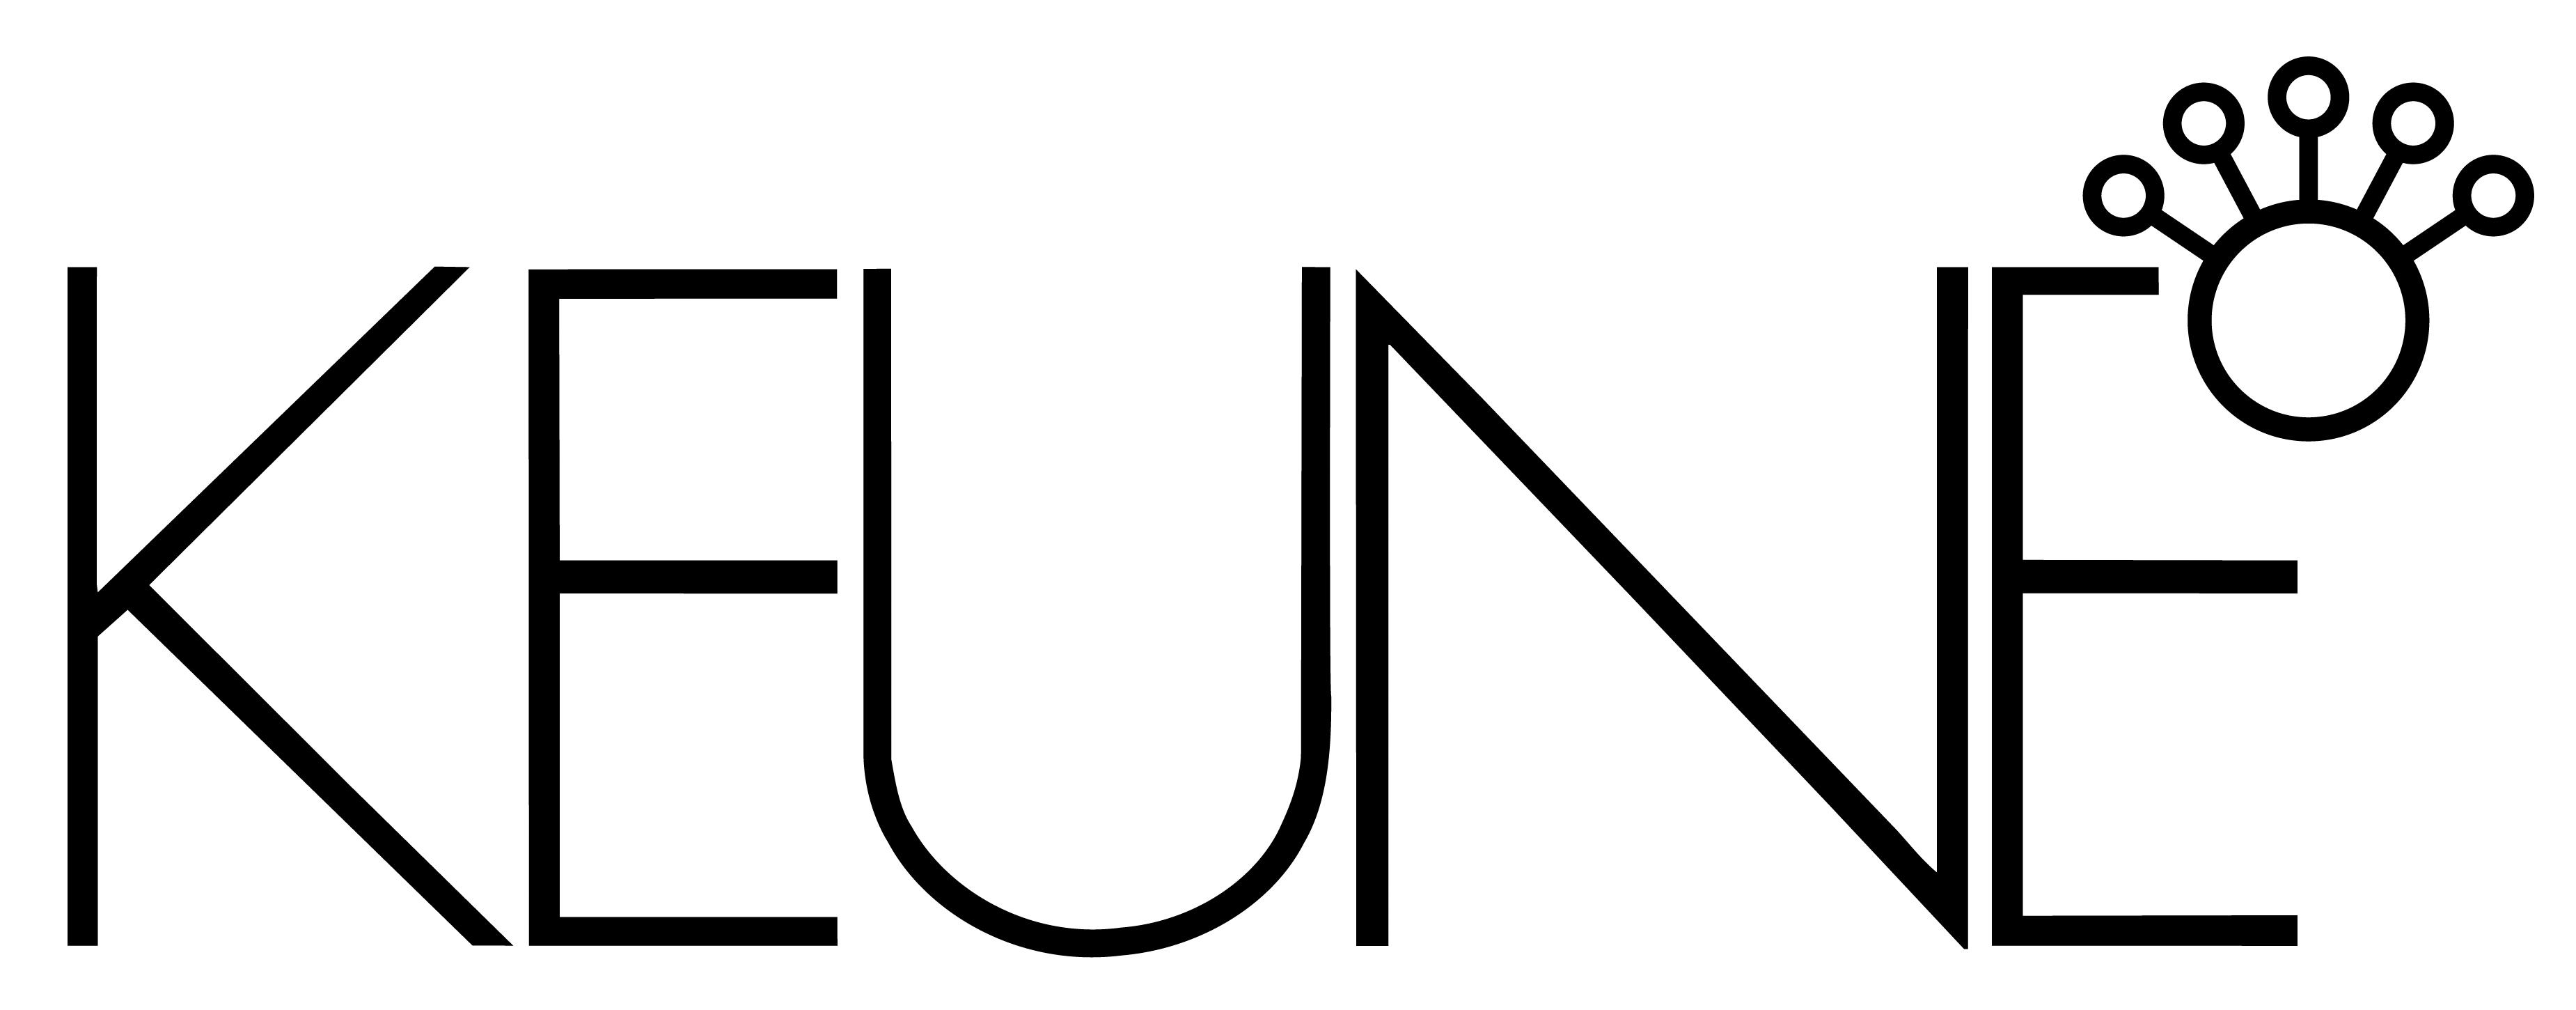 Keune Logos Download